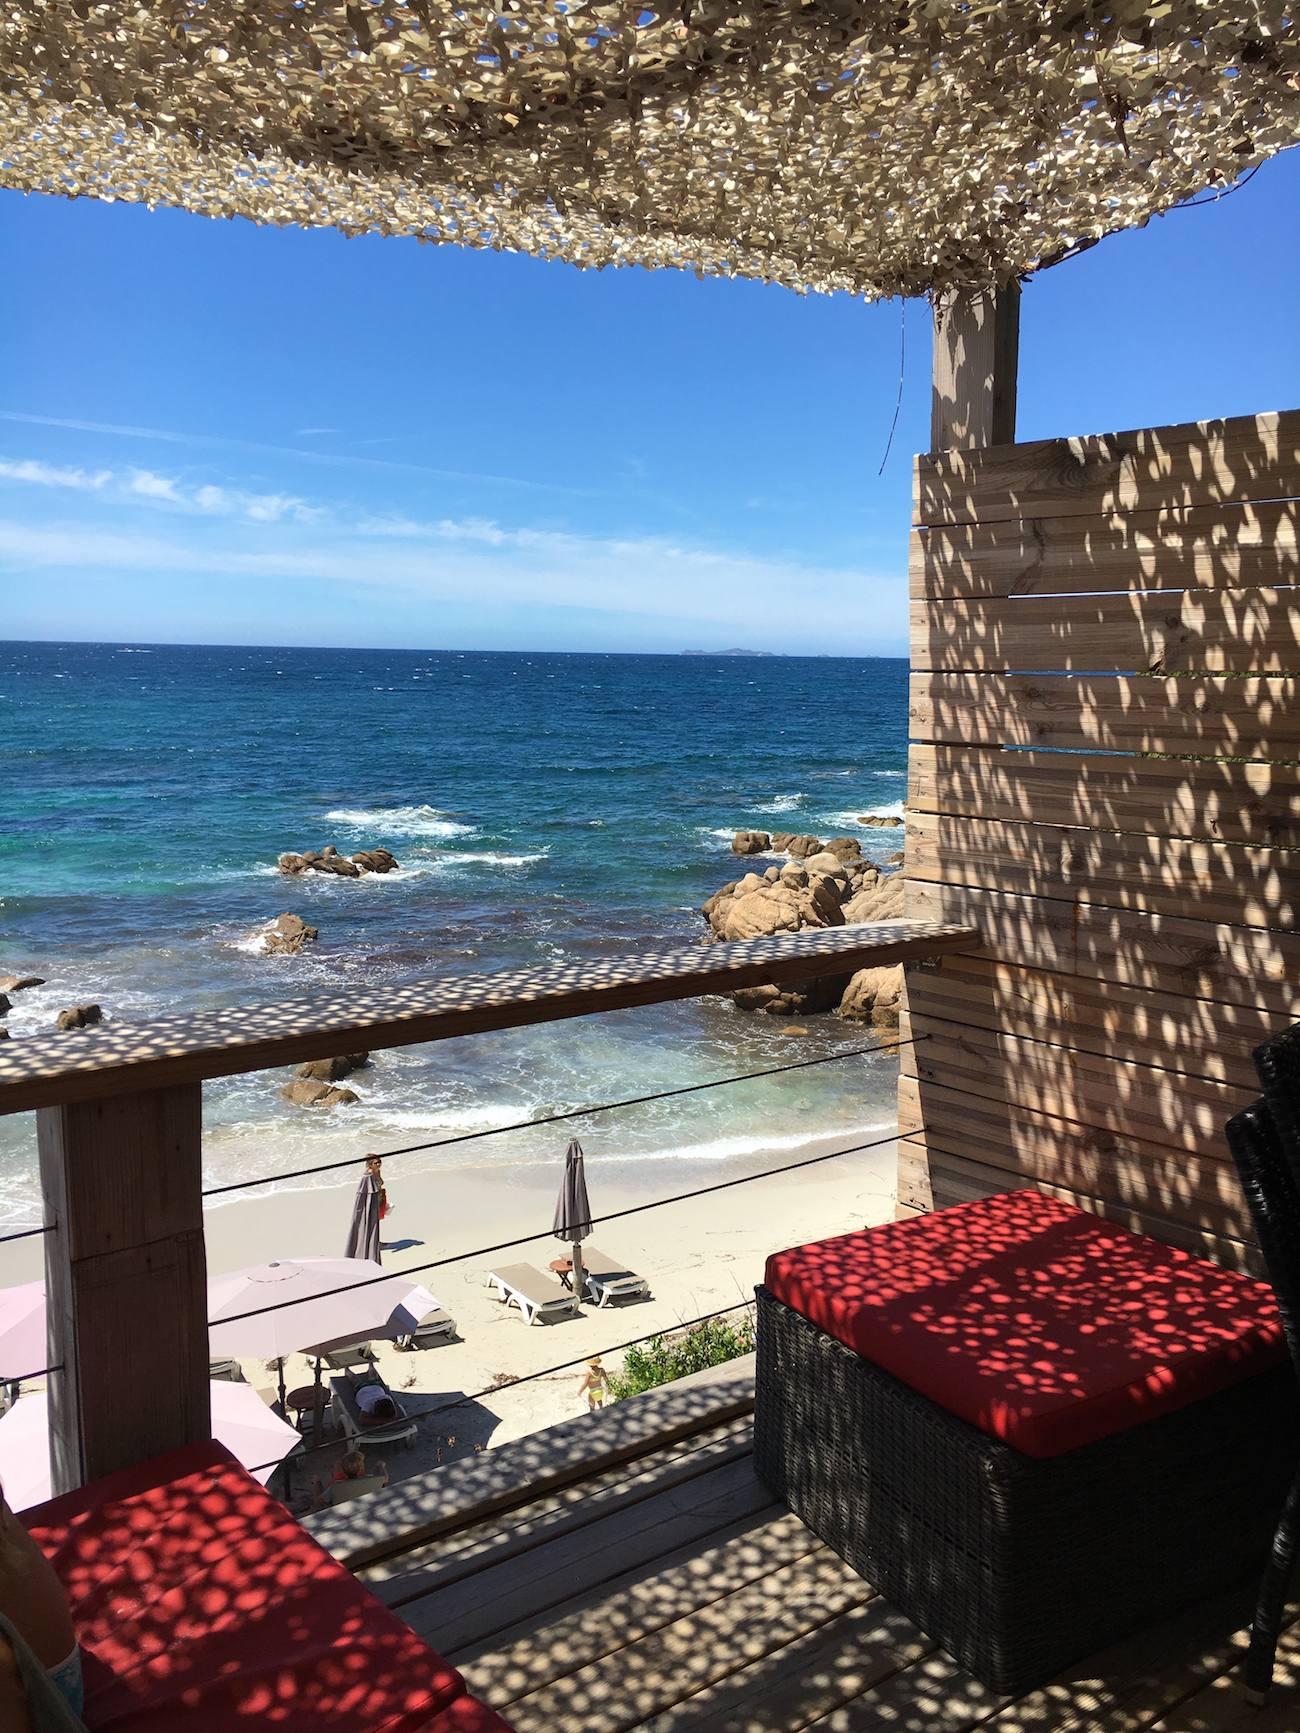 Corse - Road trip bonnes adresses - Blog Voyage nantes 6